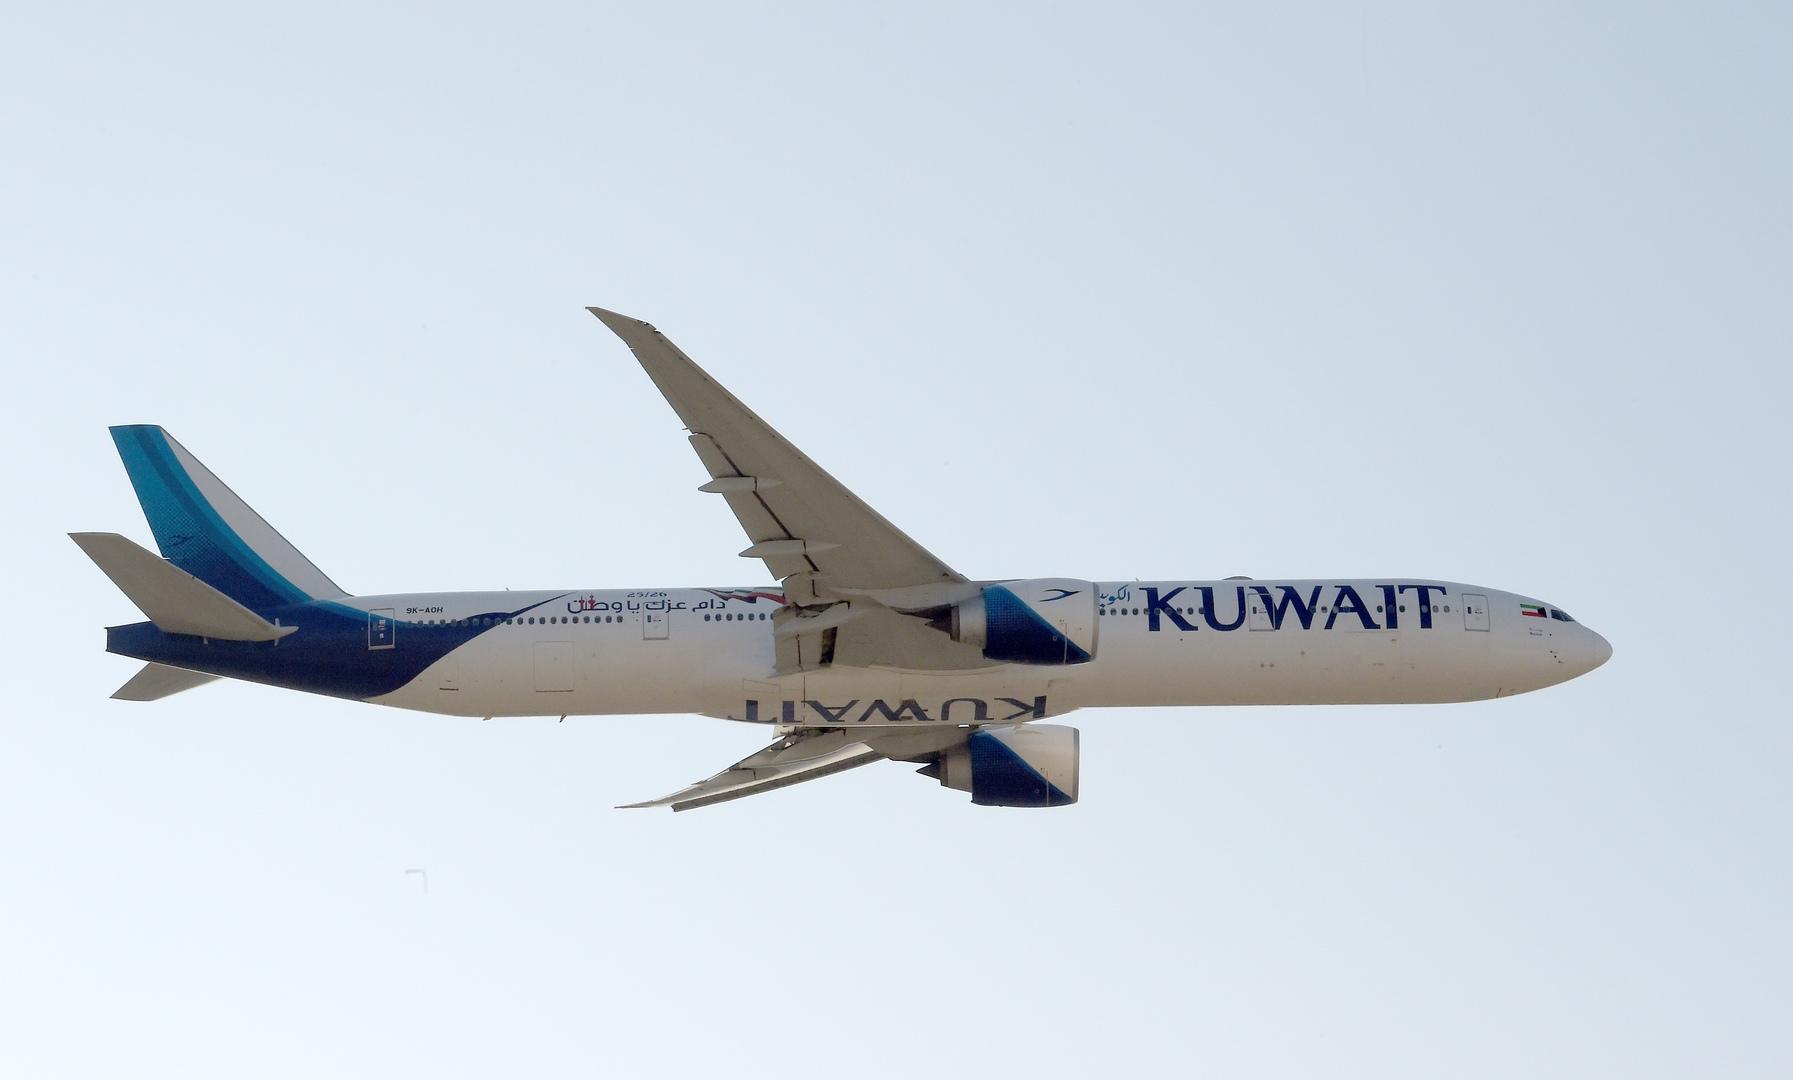 الحكومة الكويتية تتحرك بقوة في قضية